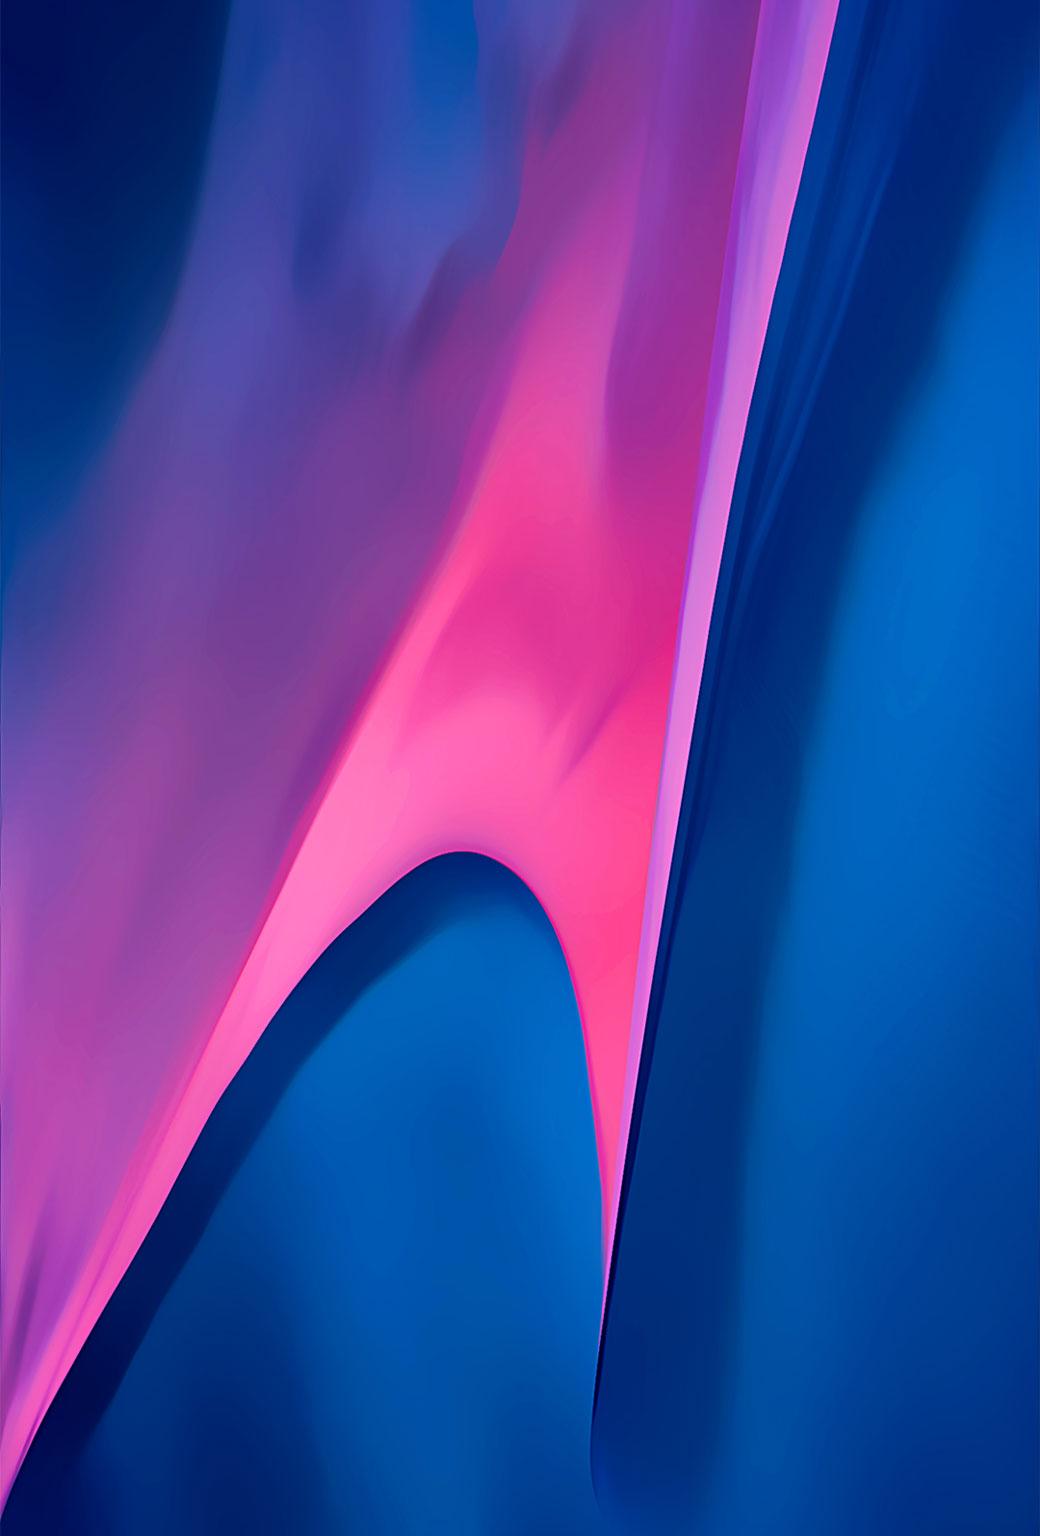 Wallpaper com, Android wallpaper